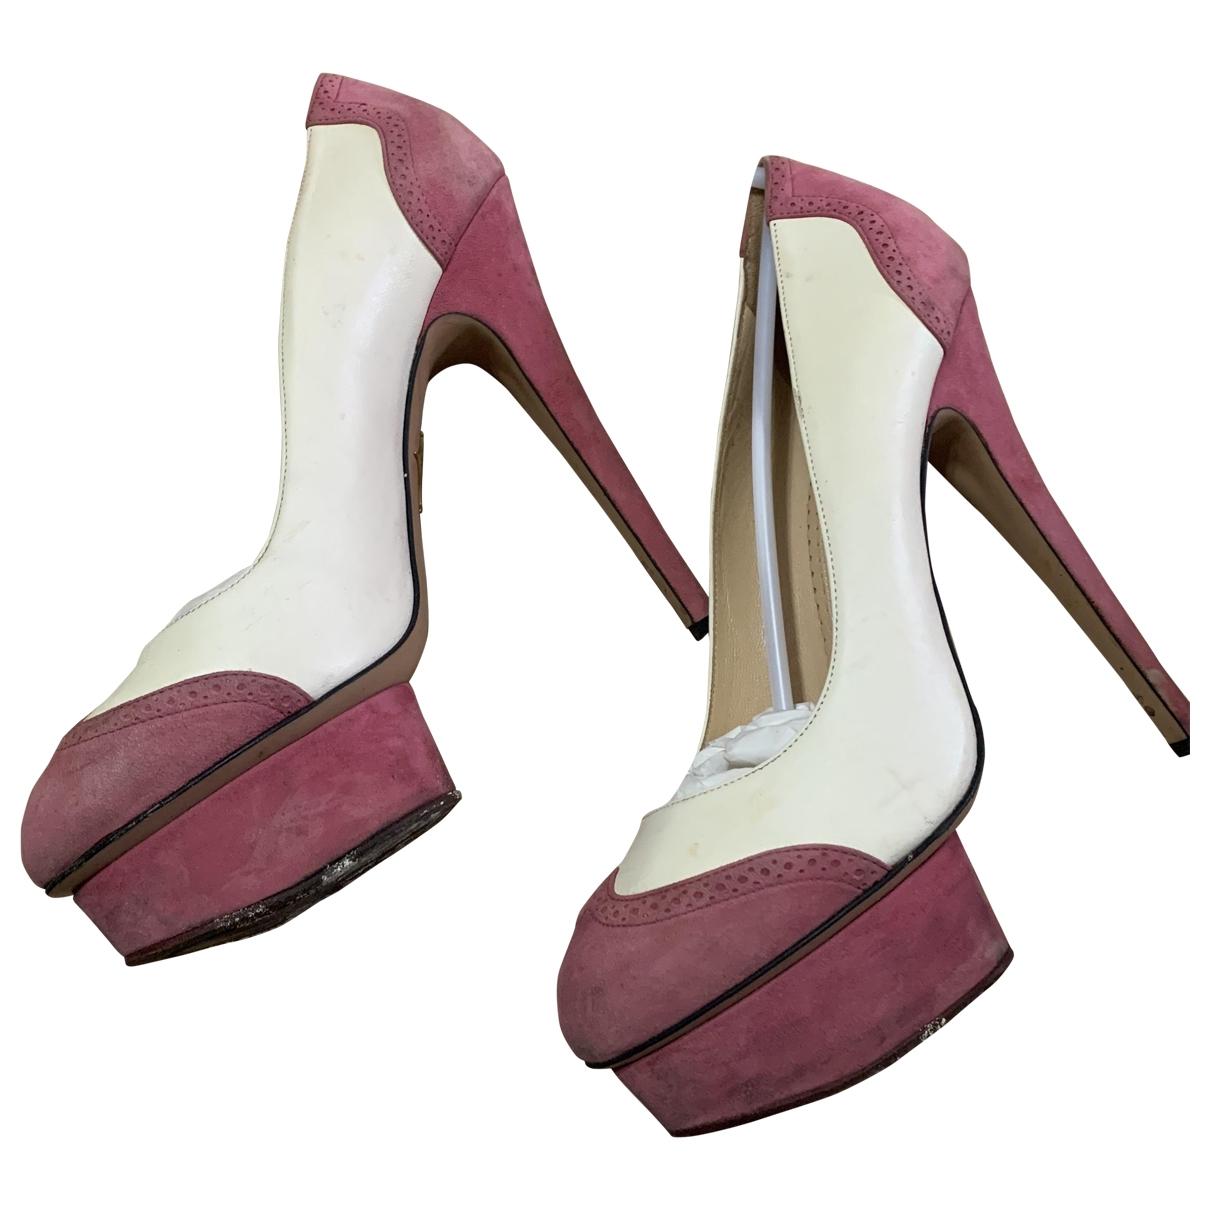 Charlotte Olympia - Escarpins Debbie pour femme en cuir verni - rose